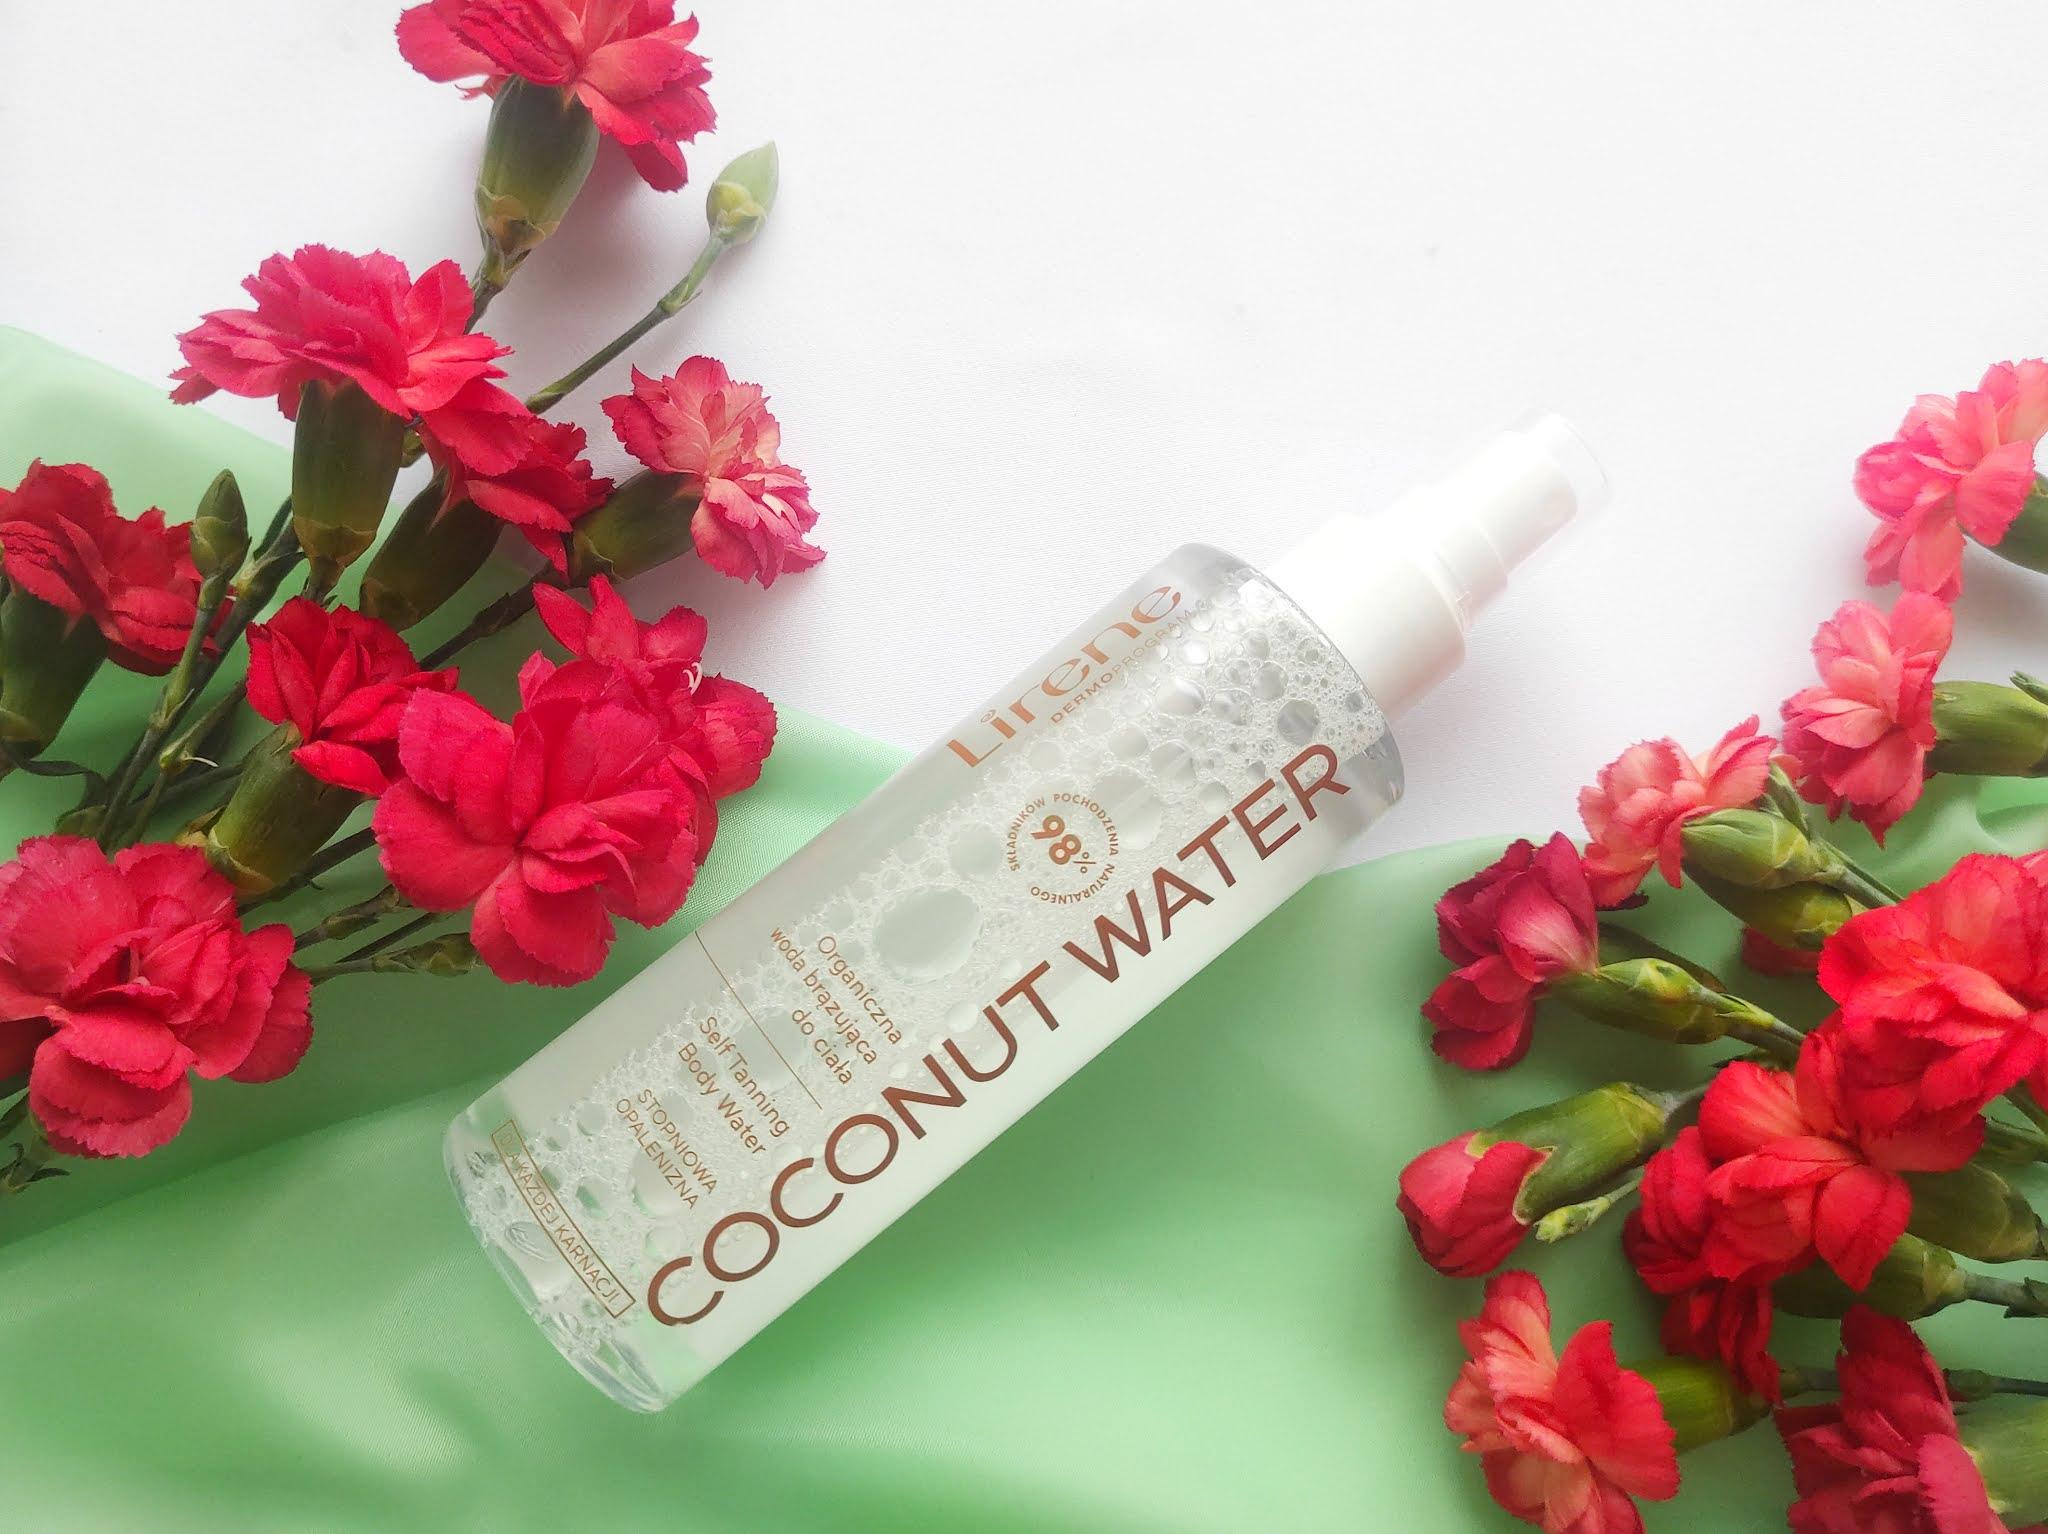 Woda brazująca Lirene coconut